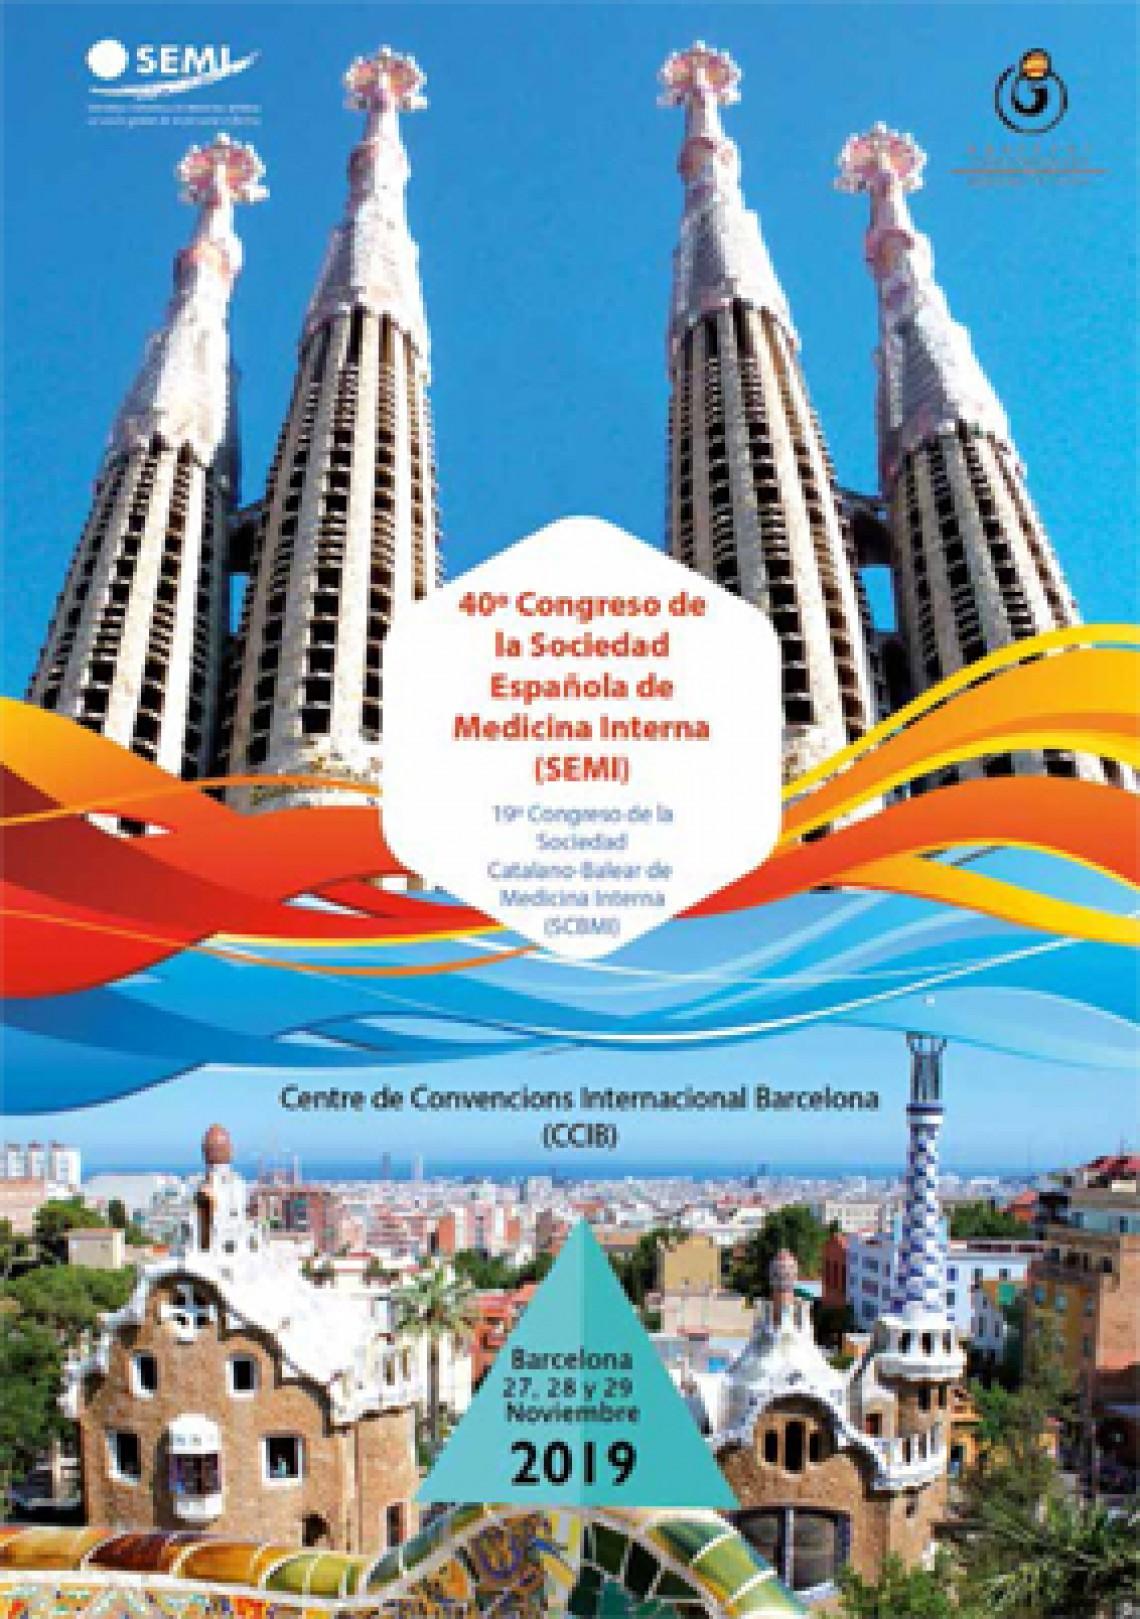 40º Congreso de la Sociedad Española de Medicina Interna (SEMI)